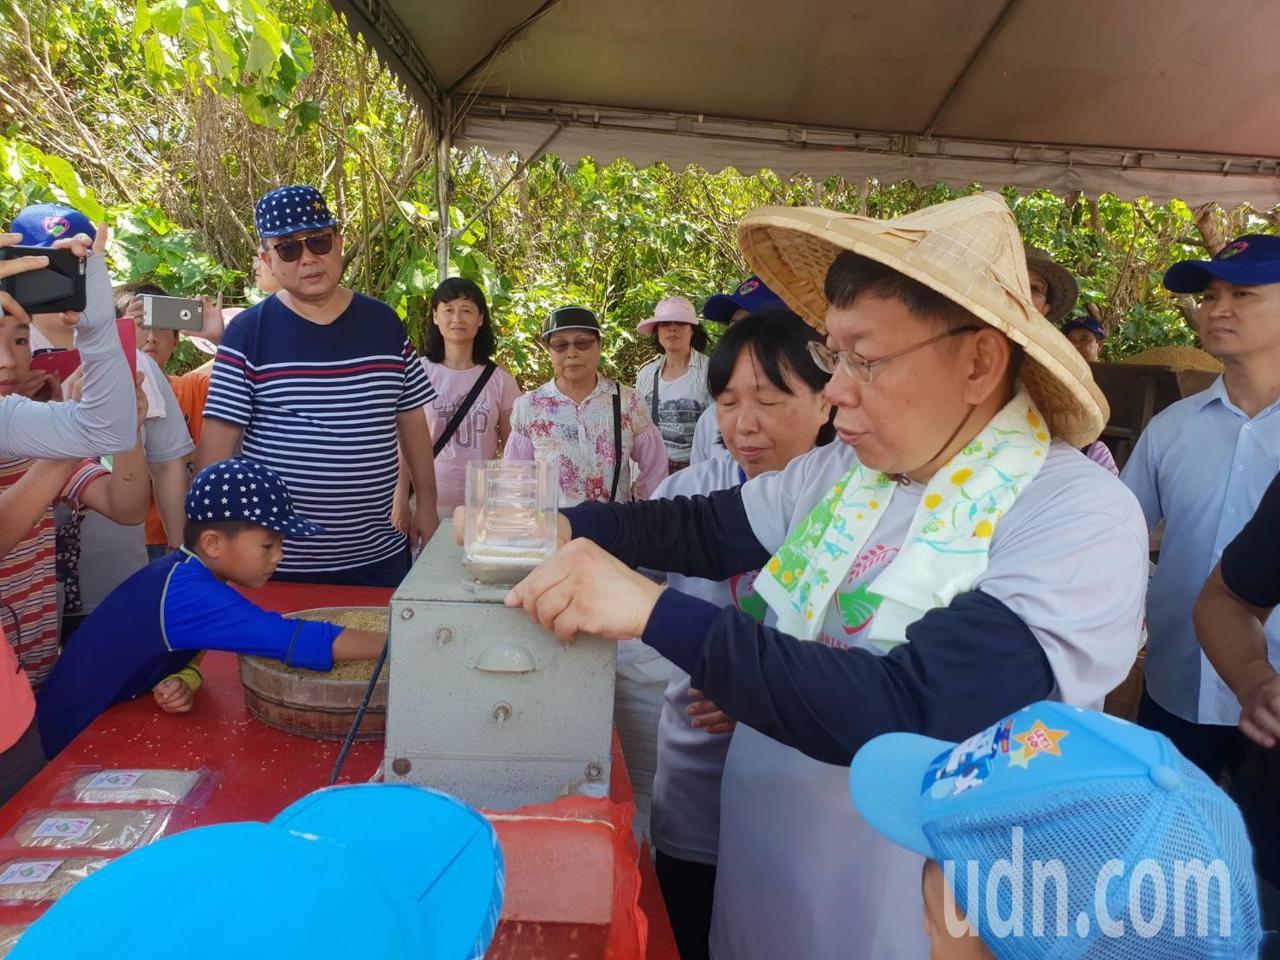 台北市長柯文哲出席關渡割稻趣活動。記者莊琇閔/攝影